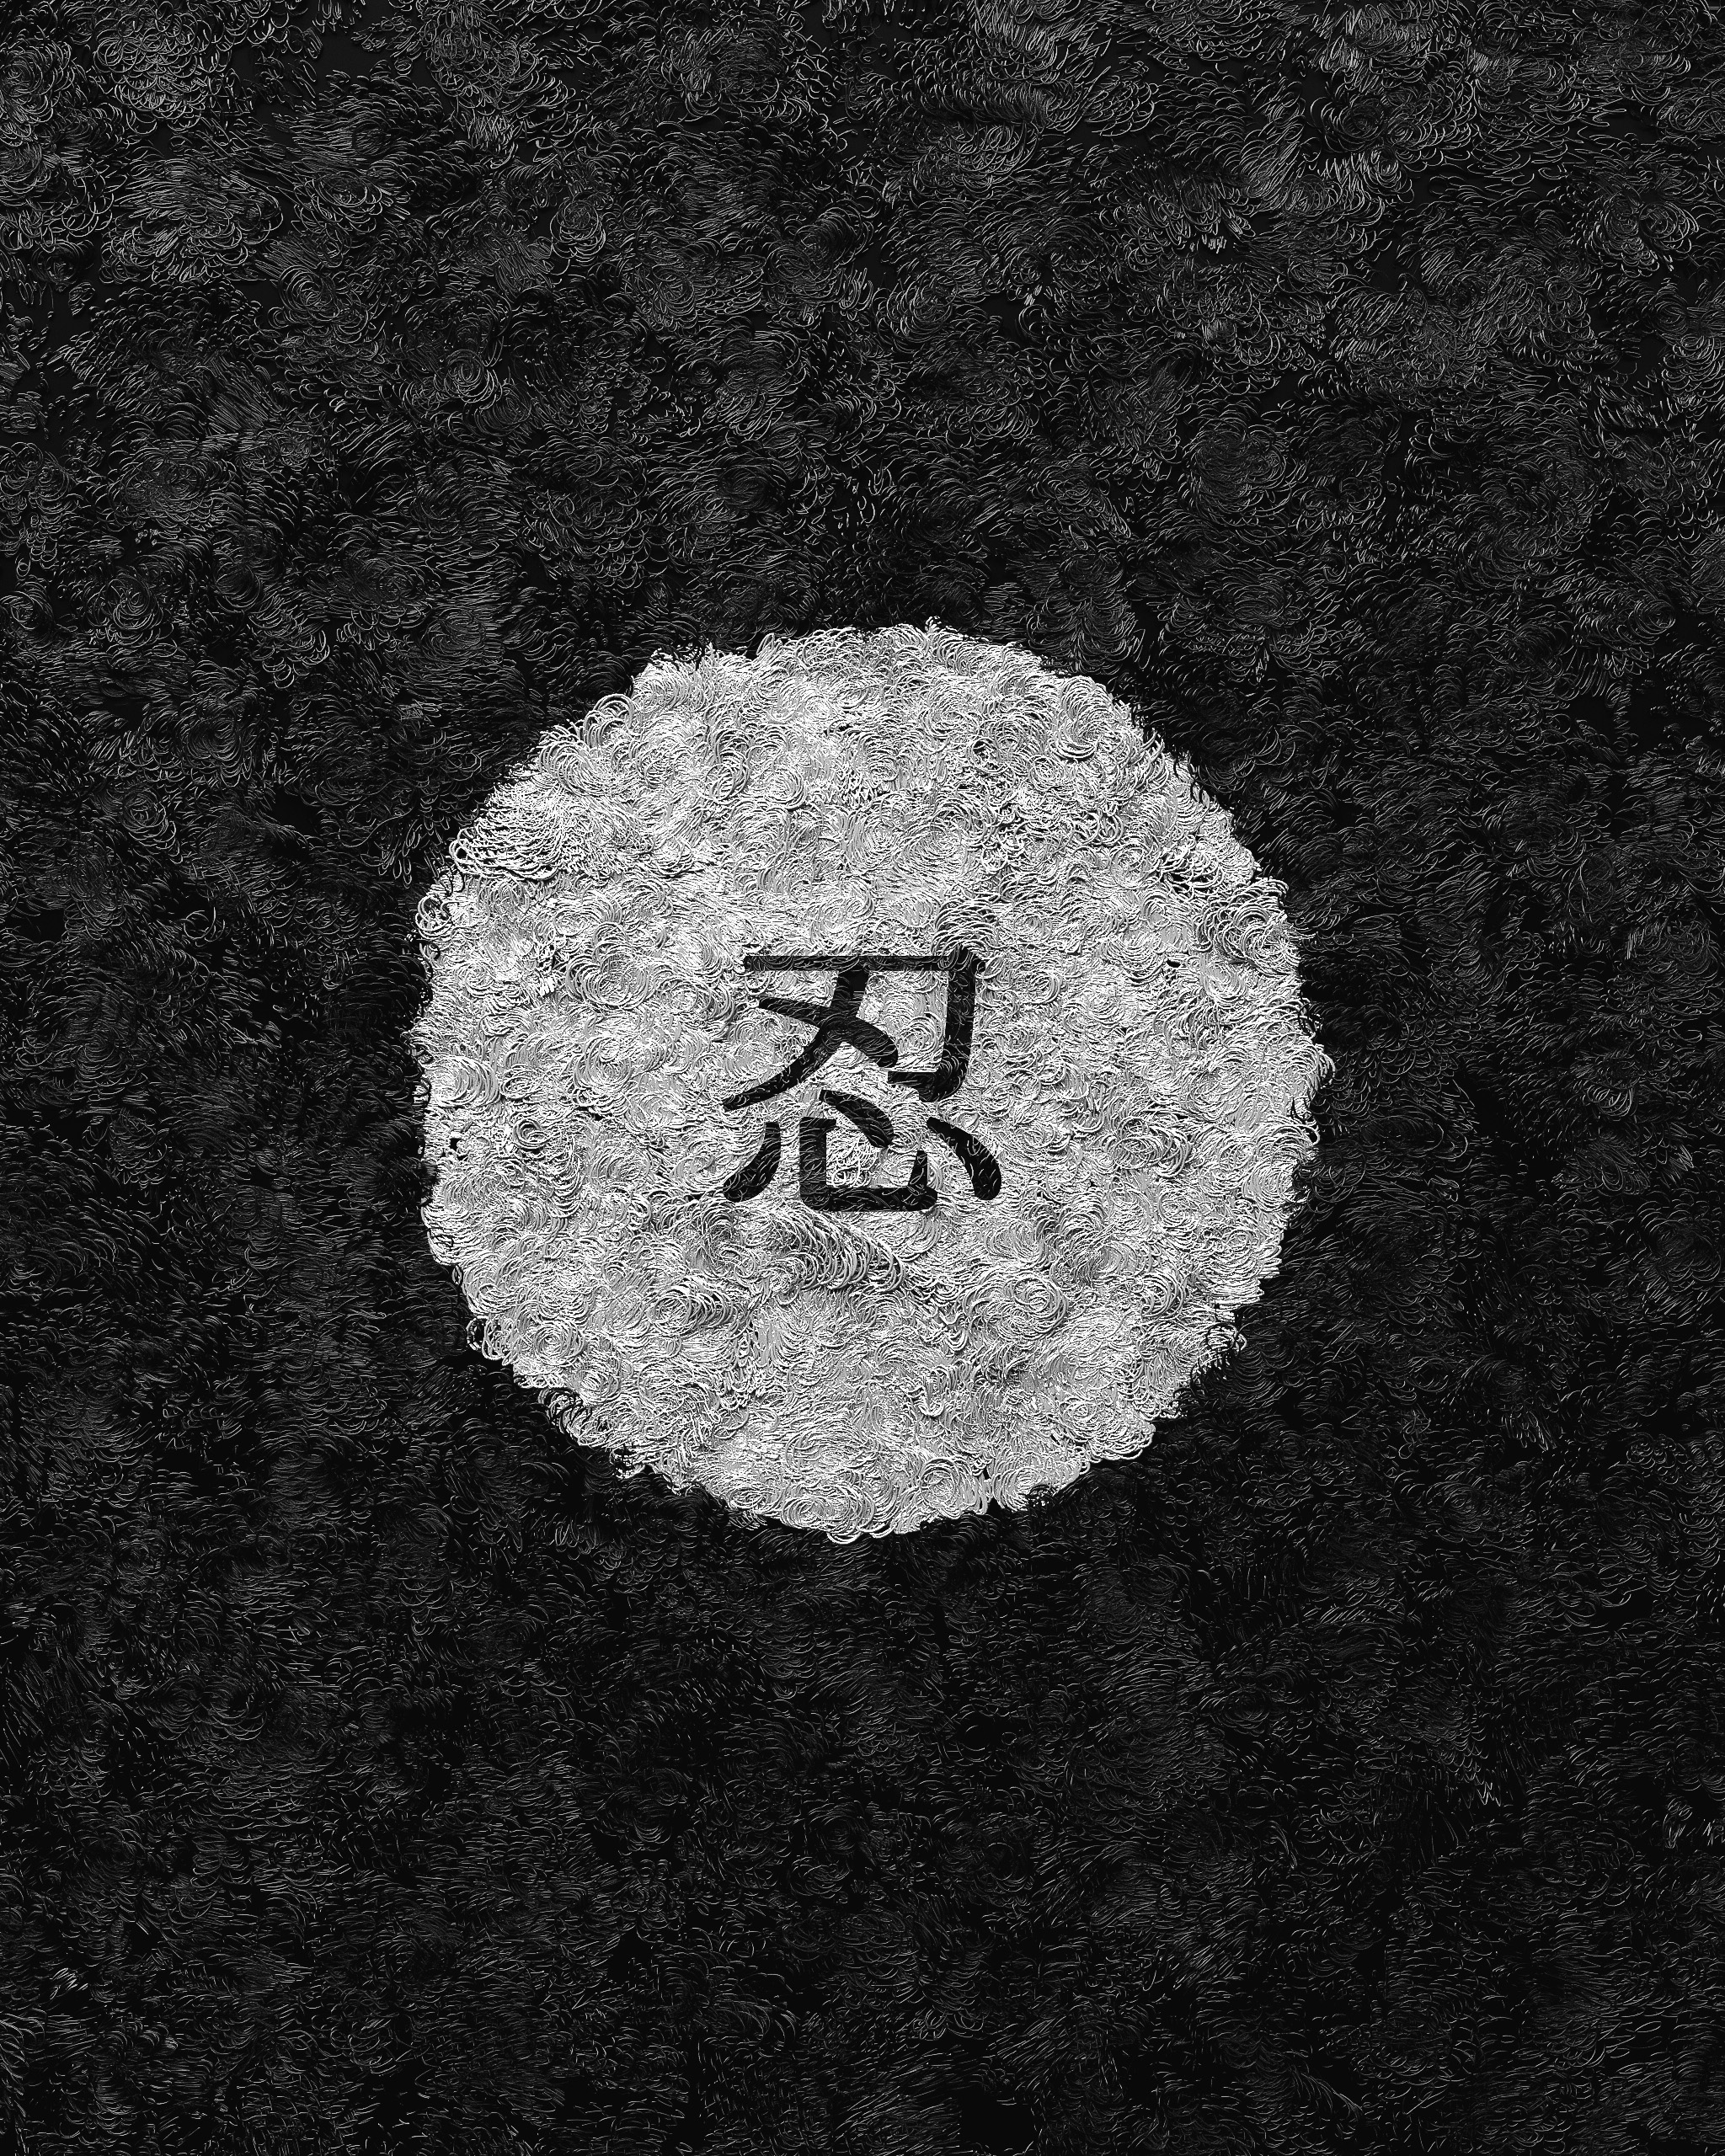 [07-01-18] - rěn.jpg